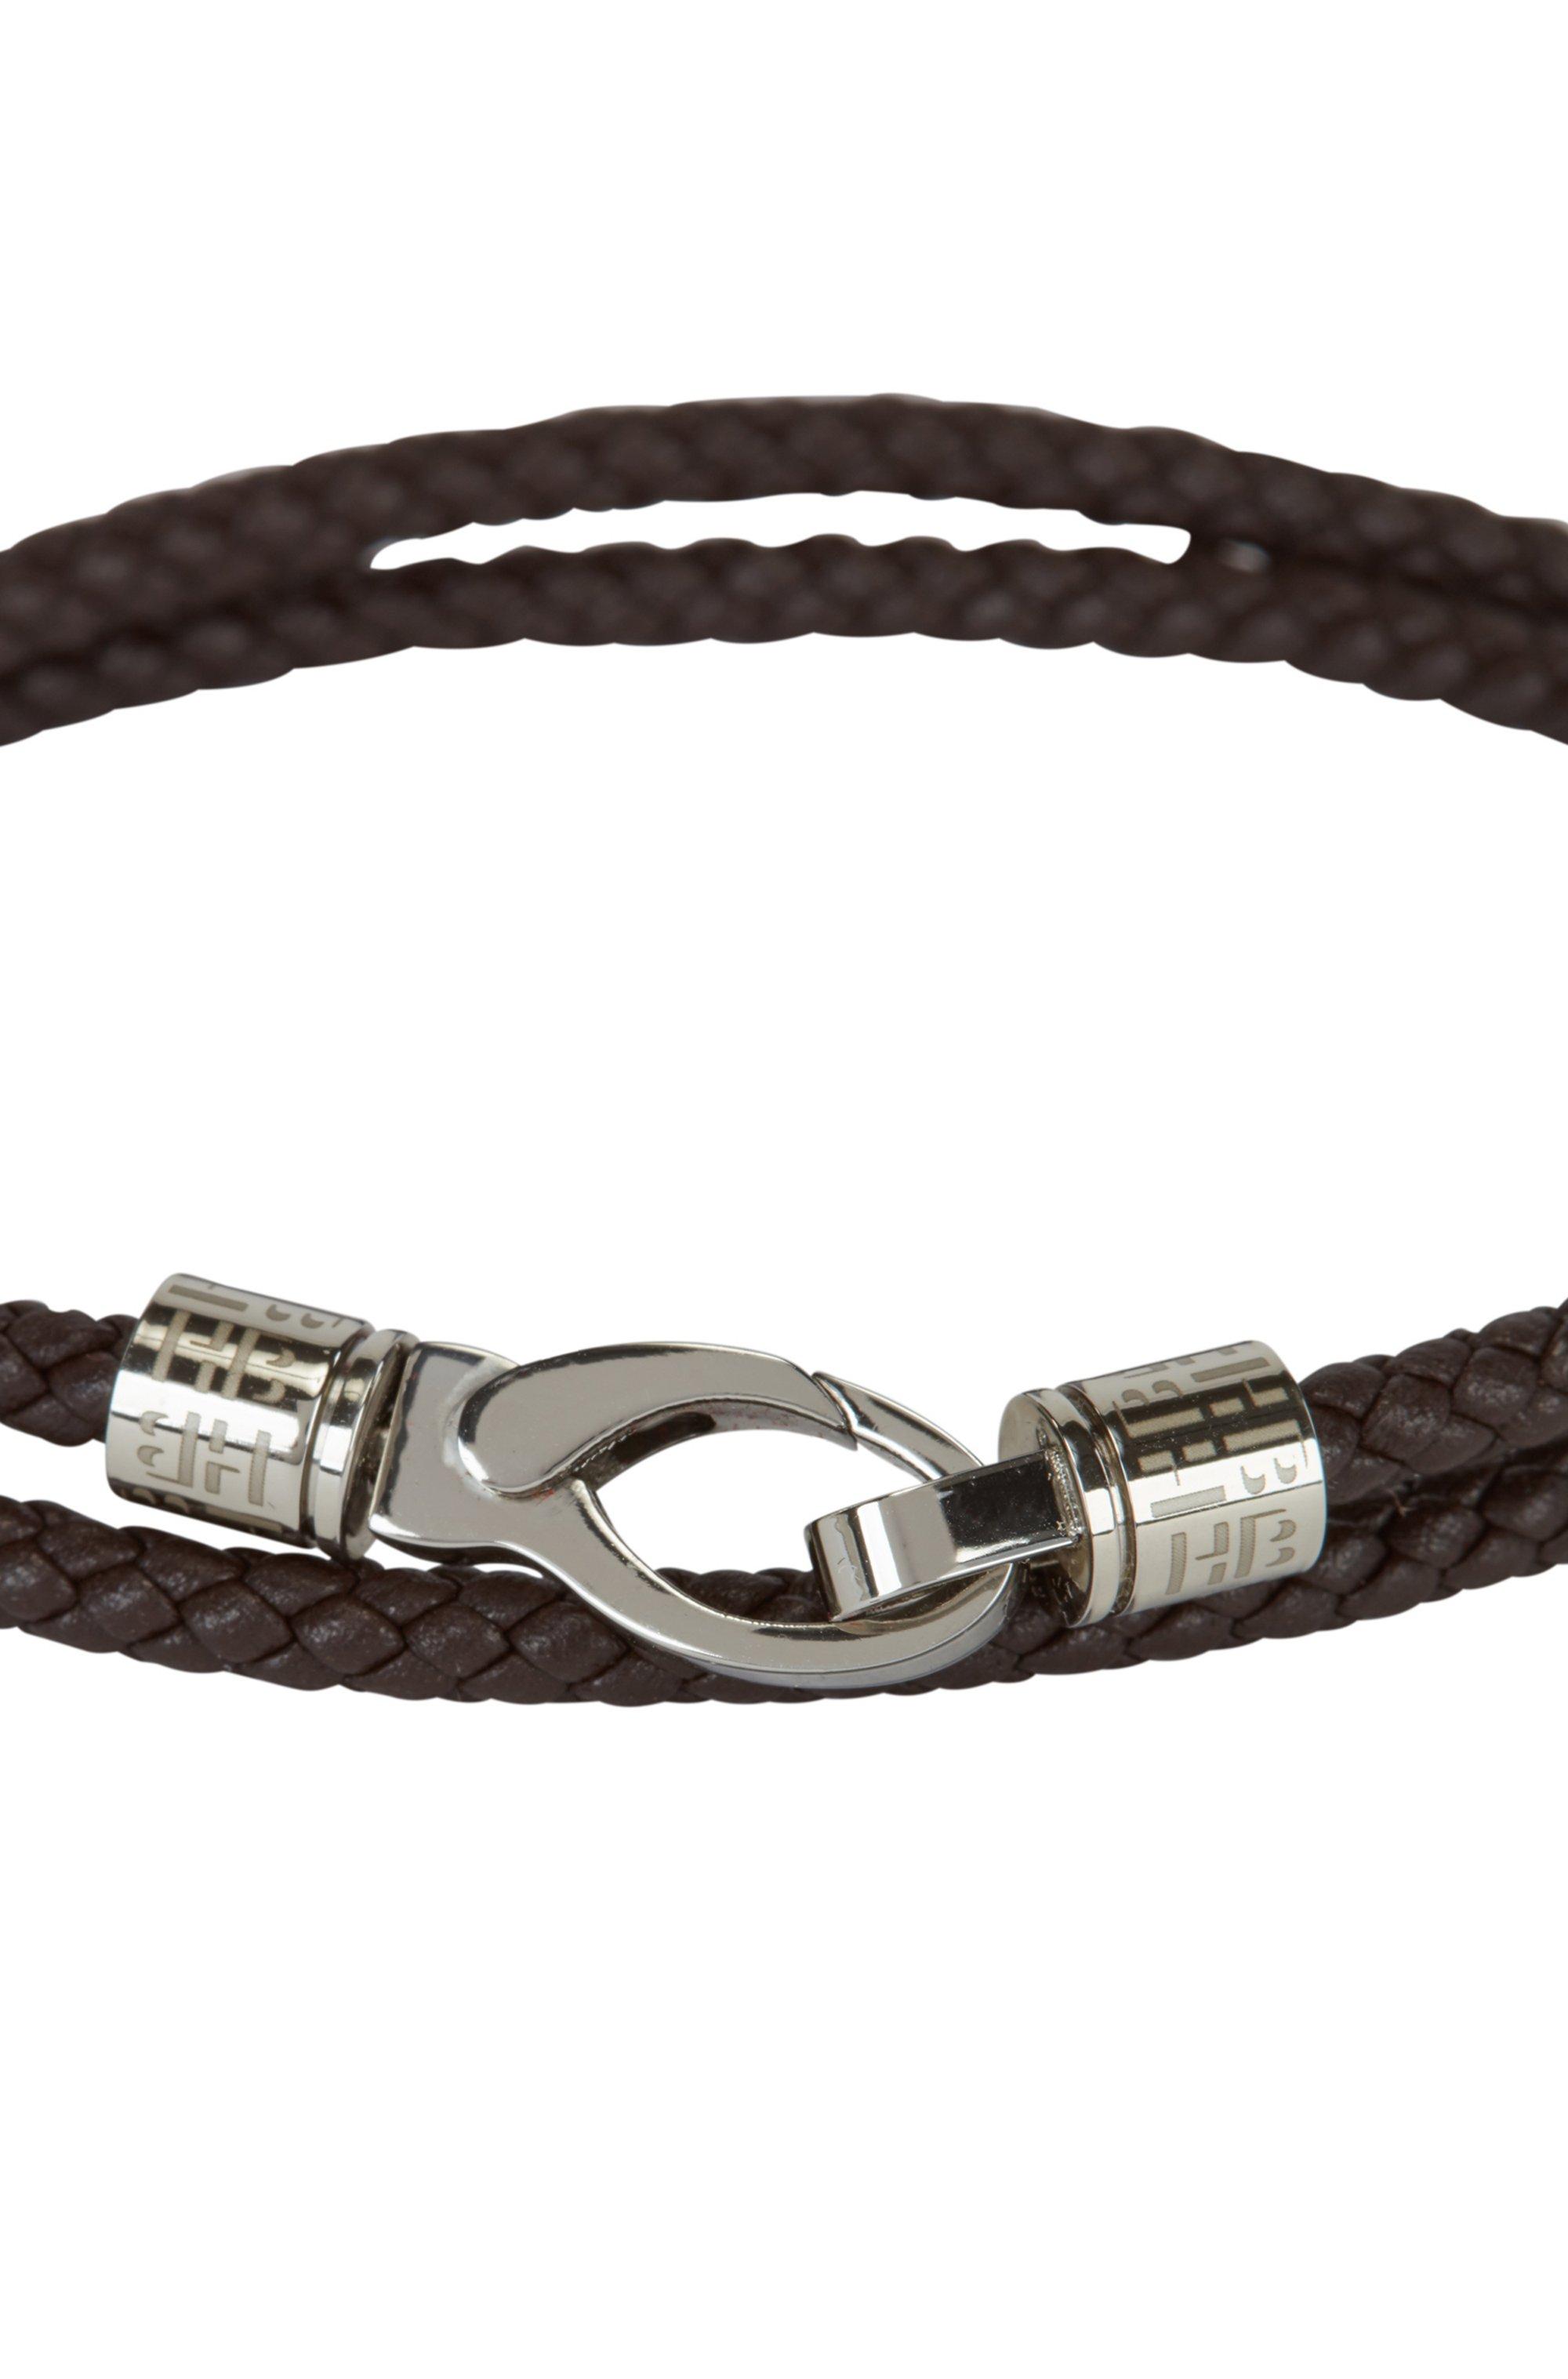 Wikkelarmband van gevlochten leer met musketonsluiting